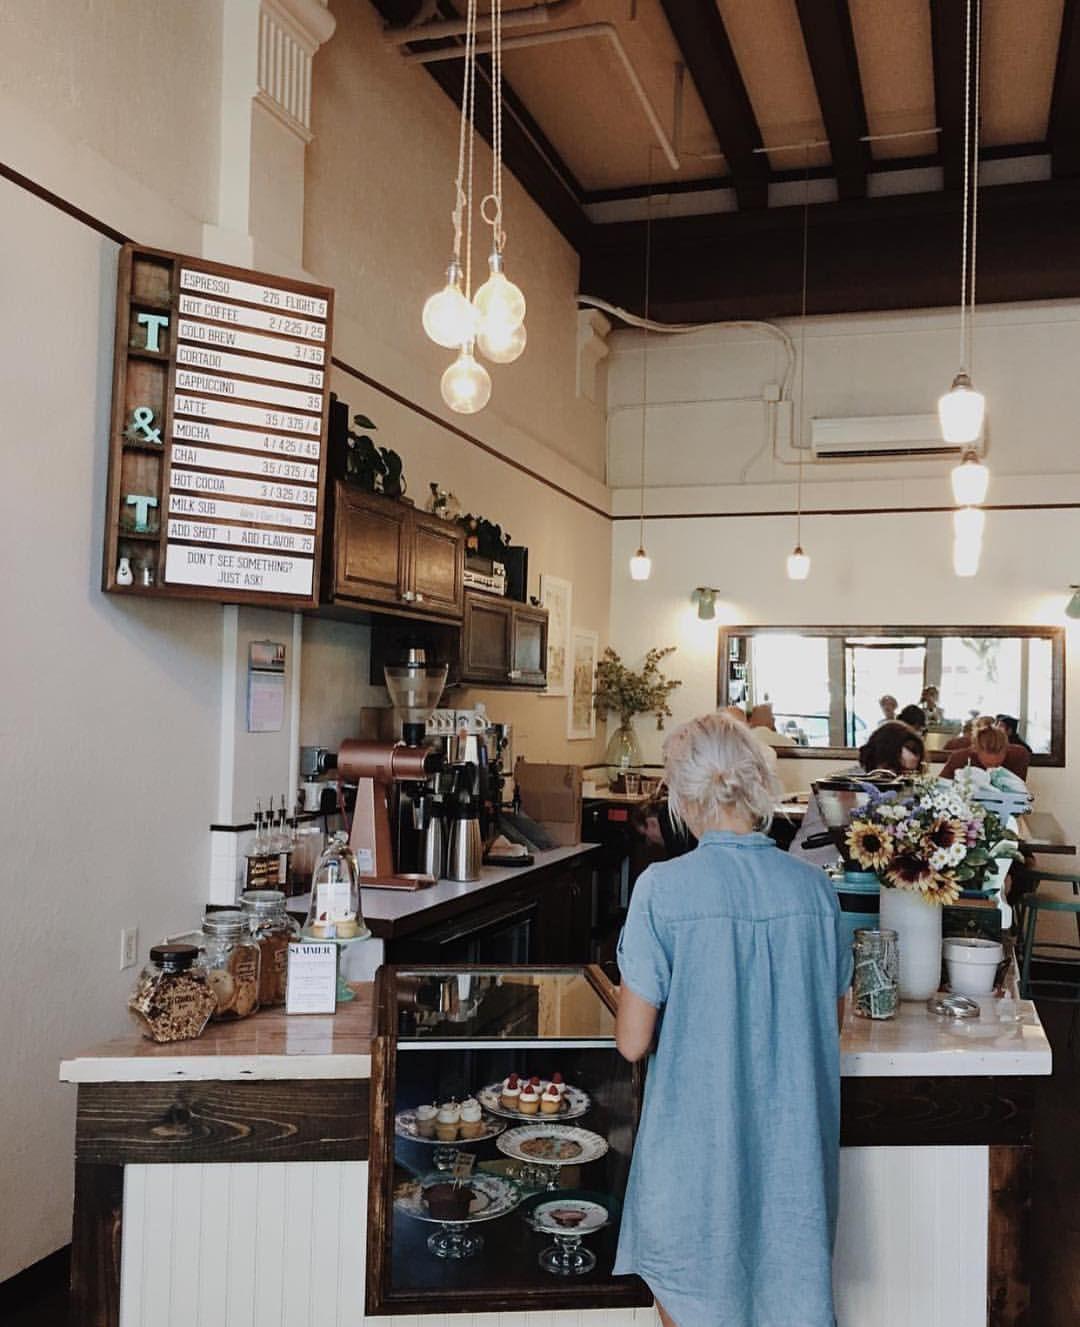 Espresso Bar At Triedandtruecoffeeco In Corvallis Its Valpal Acmecups Specialtycoffee Acmeforlife Coffee Shop Bar Coffee Shop My Coffee Shop